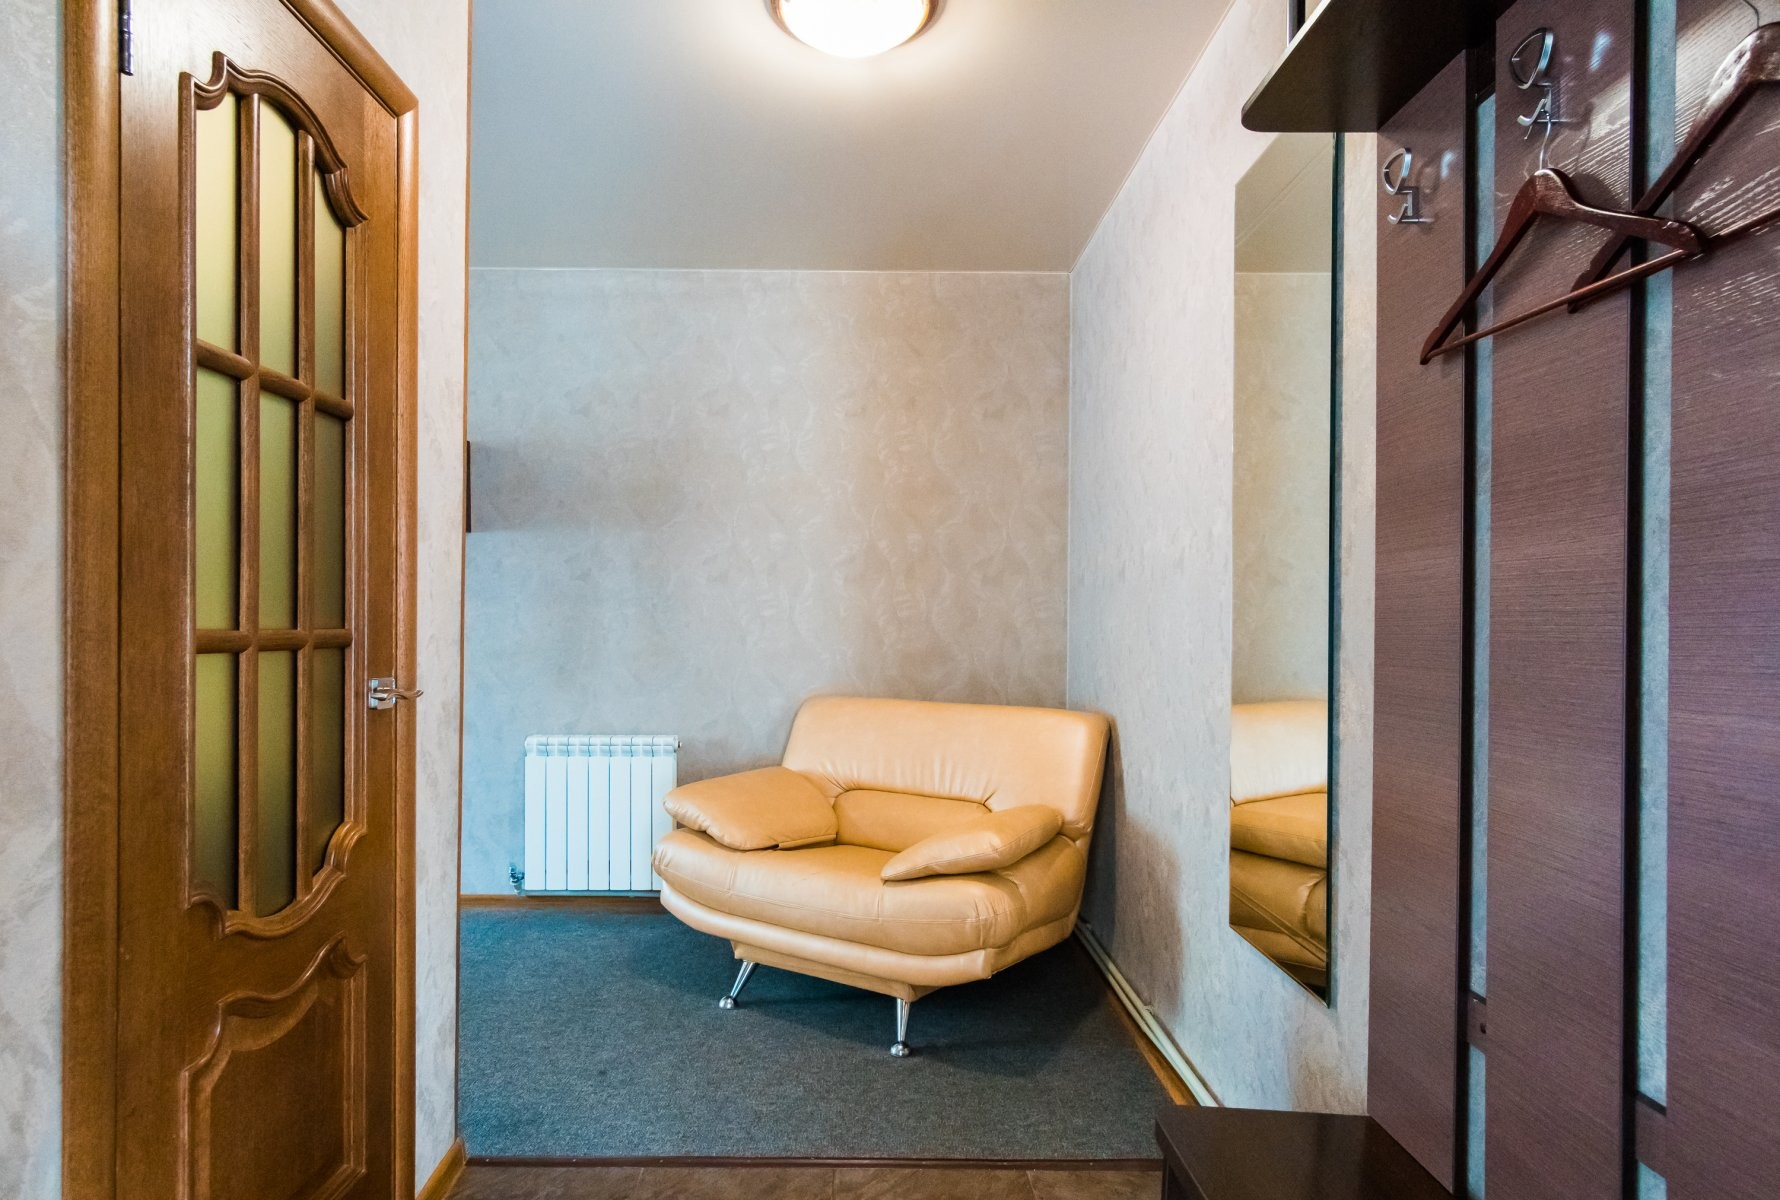 Шоколад, гостиничный комплекс - №43